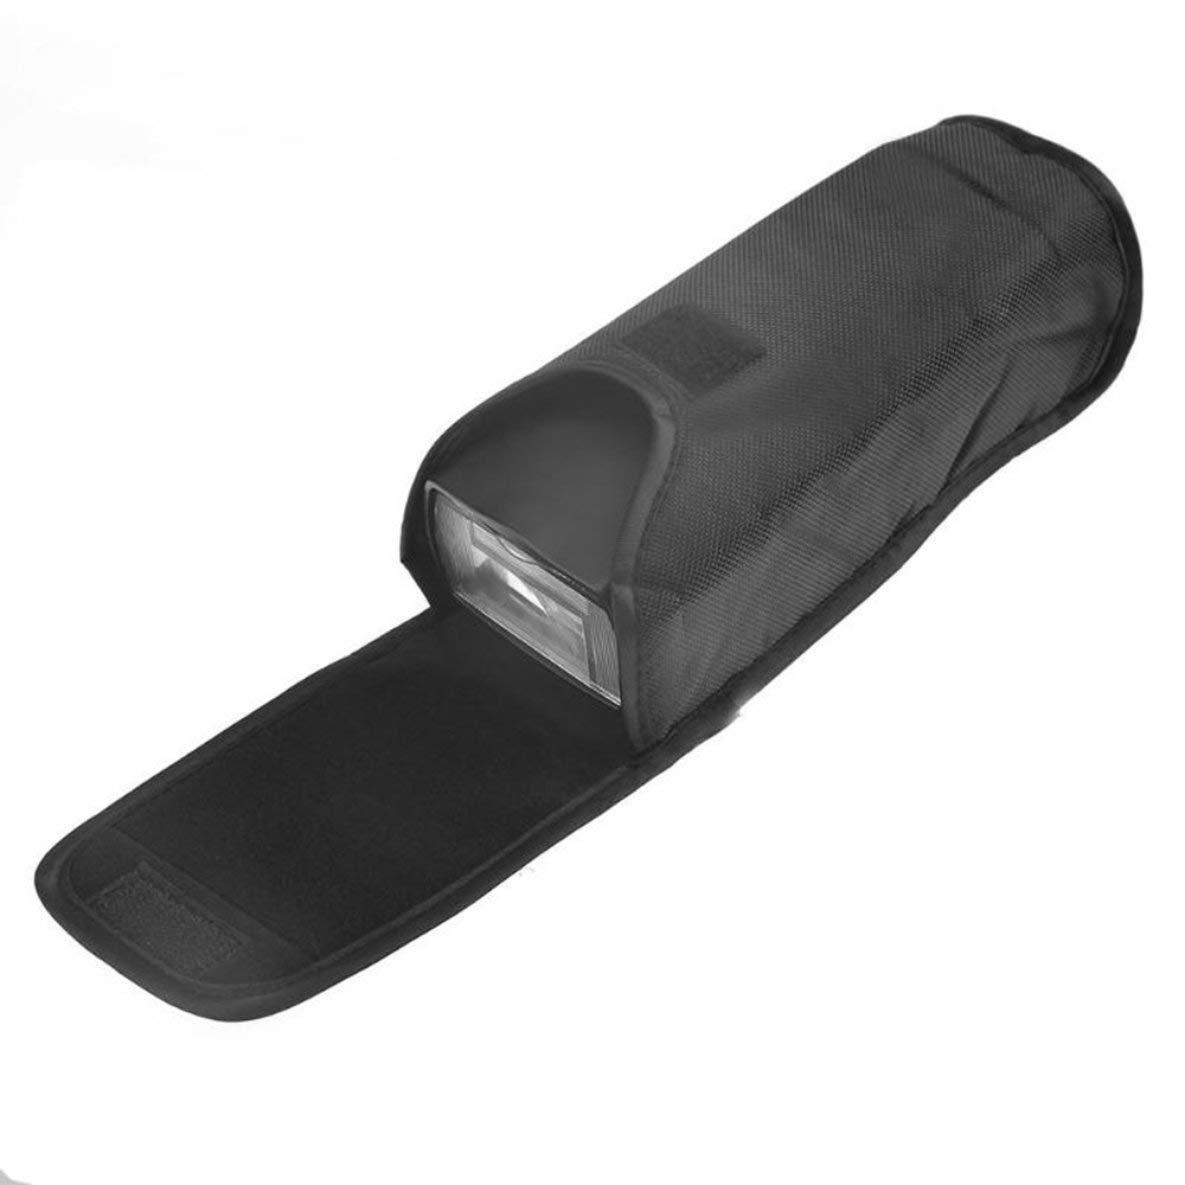 Nero Nero Custodia per flash custodia per fotocamera portatile universale Custodia protettiva Scatola diffusore flash per SB800 SB900 SB910